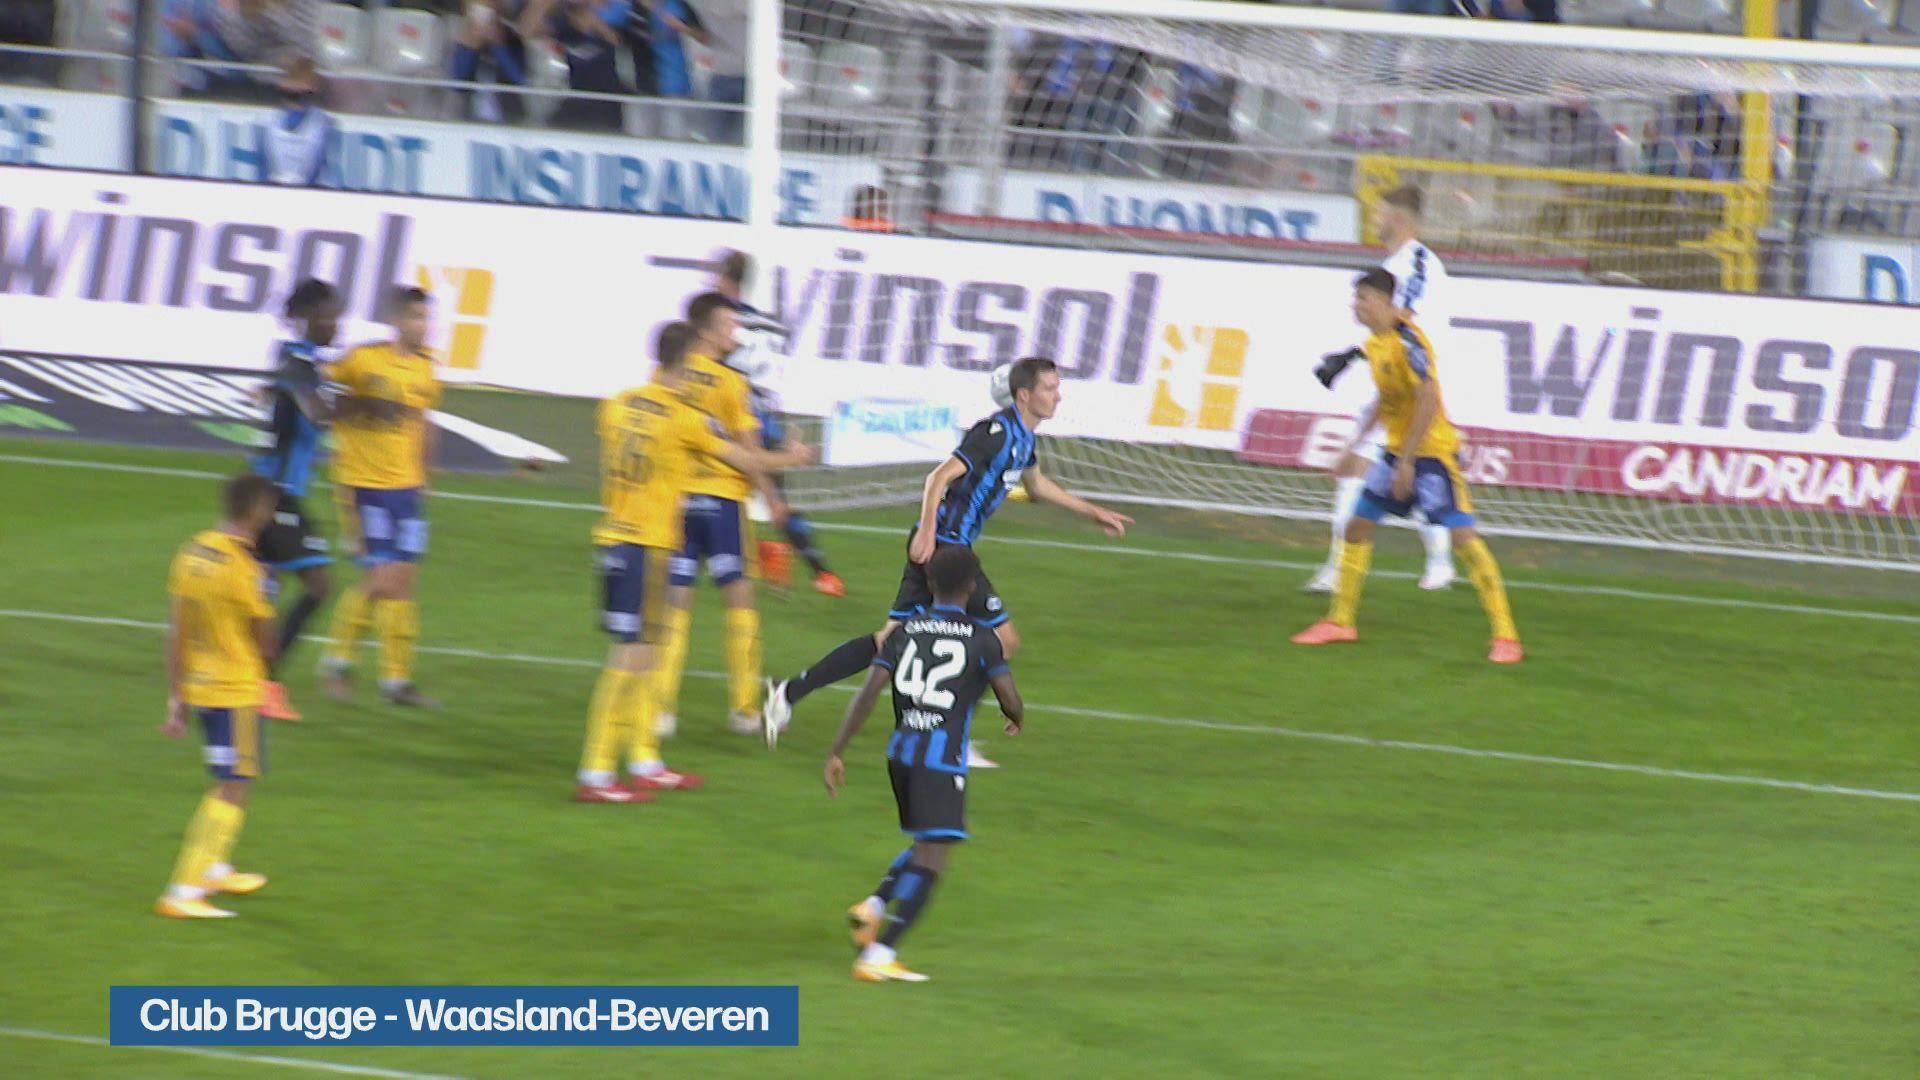 Het Journaal 13u Met O A Het Verslag Van Club Brugge Waasland Beveren En Ohl Standard Jupiler Pro League Sporza